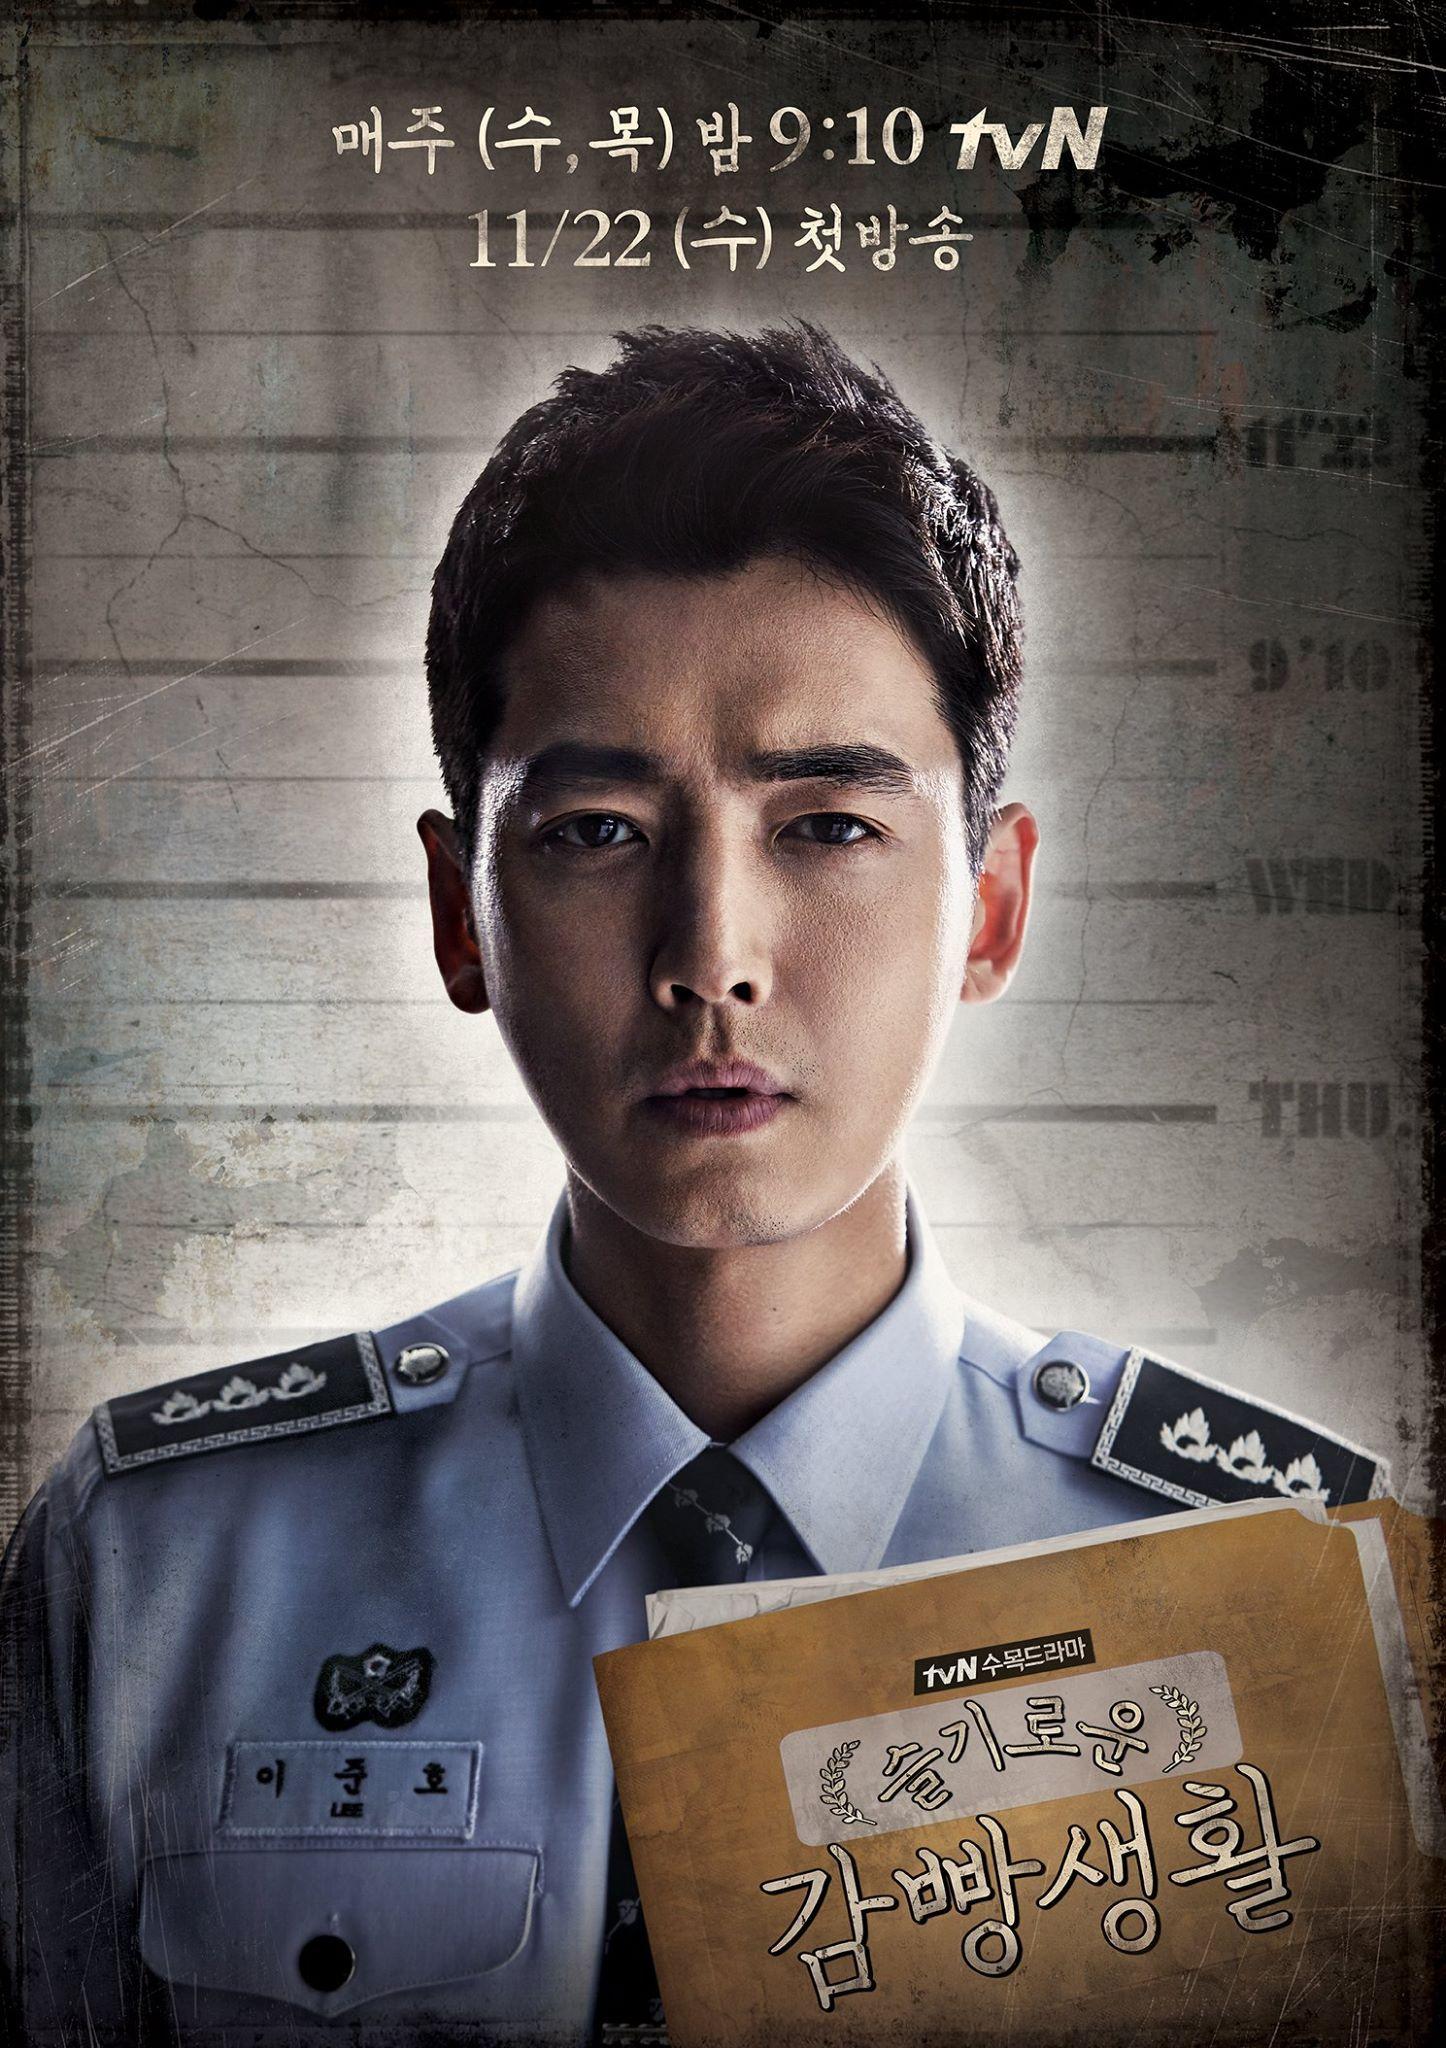 ผลการค้นหารูปภาพสำหรับ sooyoung sent coffee truck to jung kyung ho wise prison life